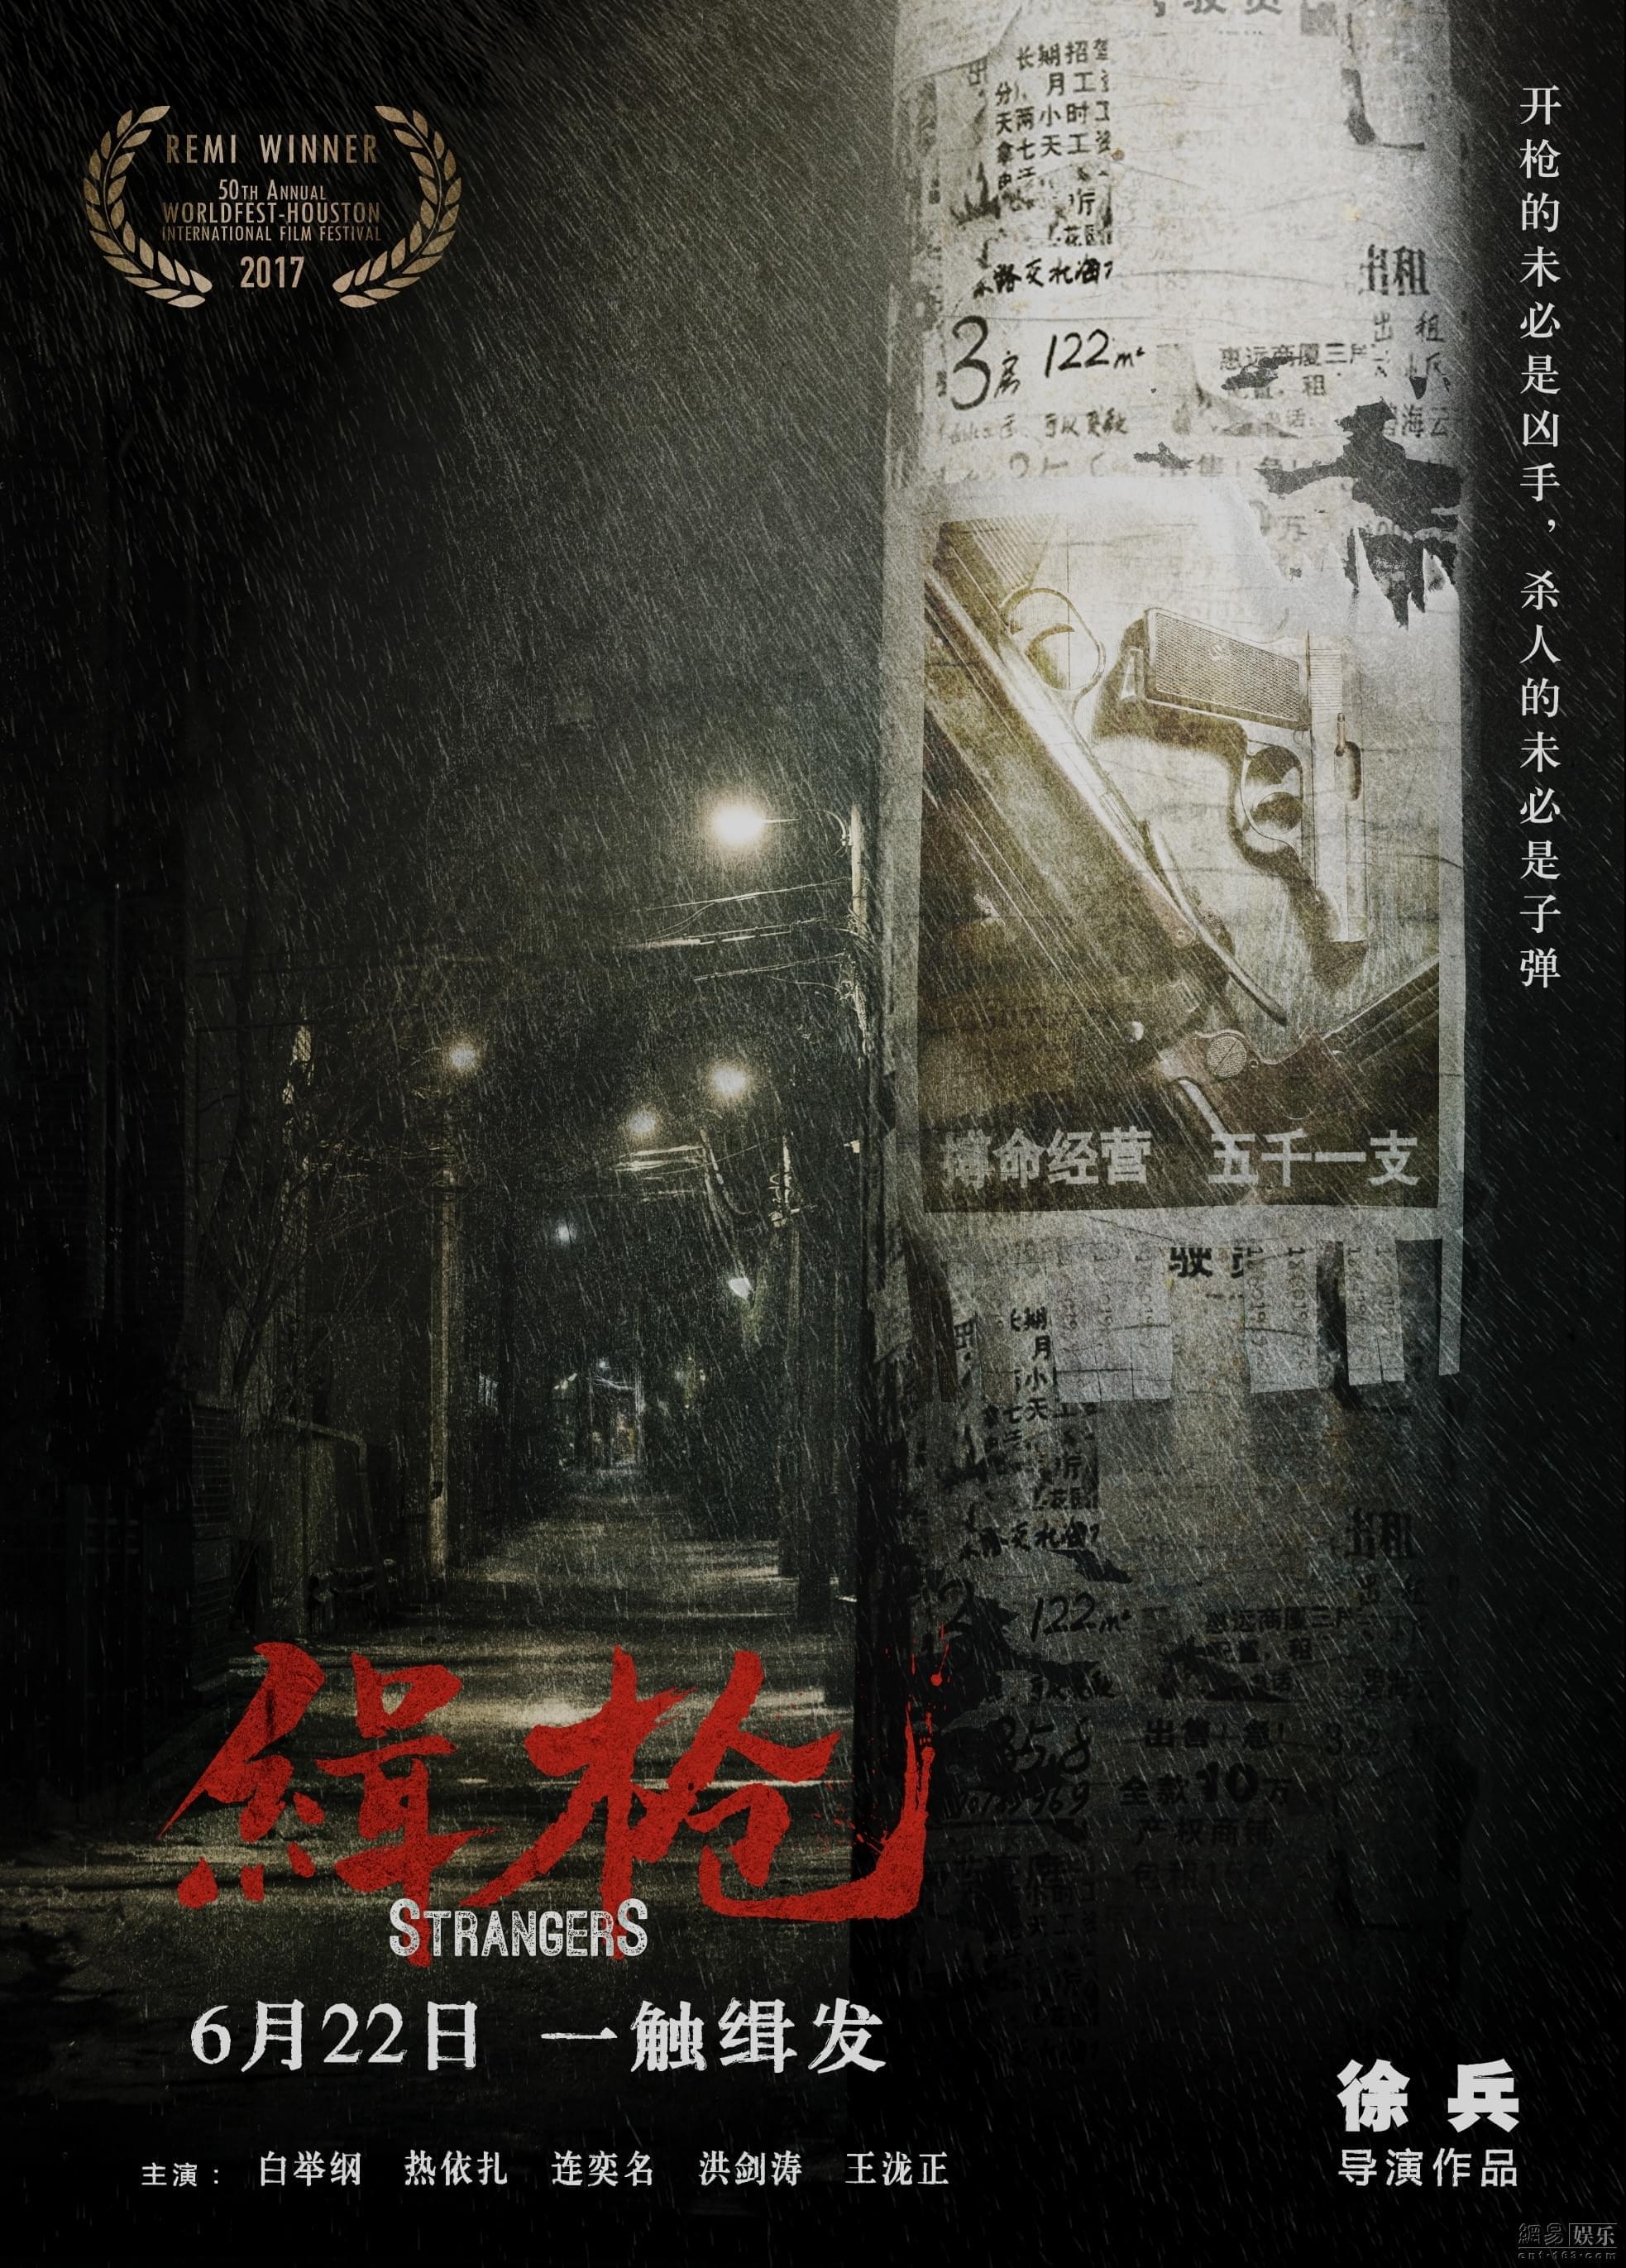 电影《缉枪》定档6月23日 幕后团队群英荟萃